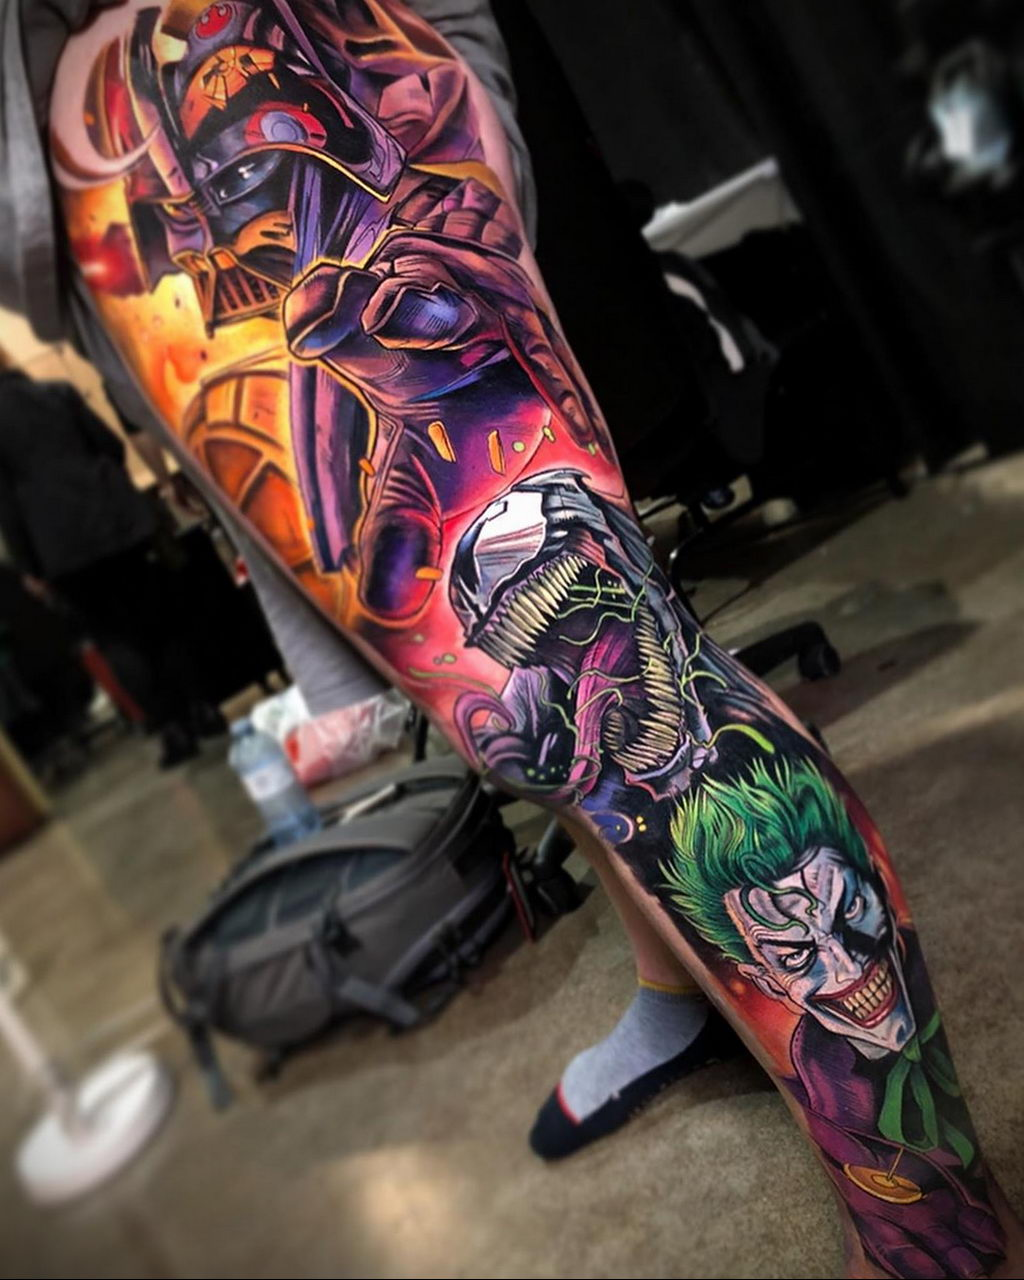 Цветная реалистичная татуировка на тему персонажей из комиксов на ноге – tatufoto.com